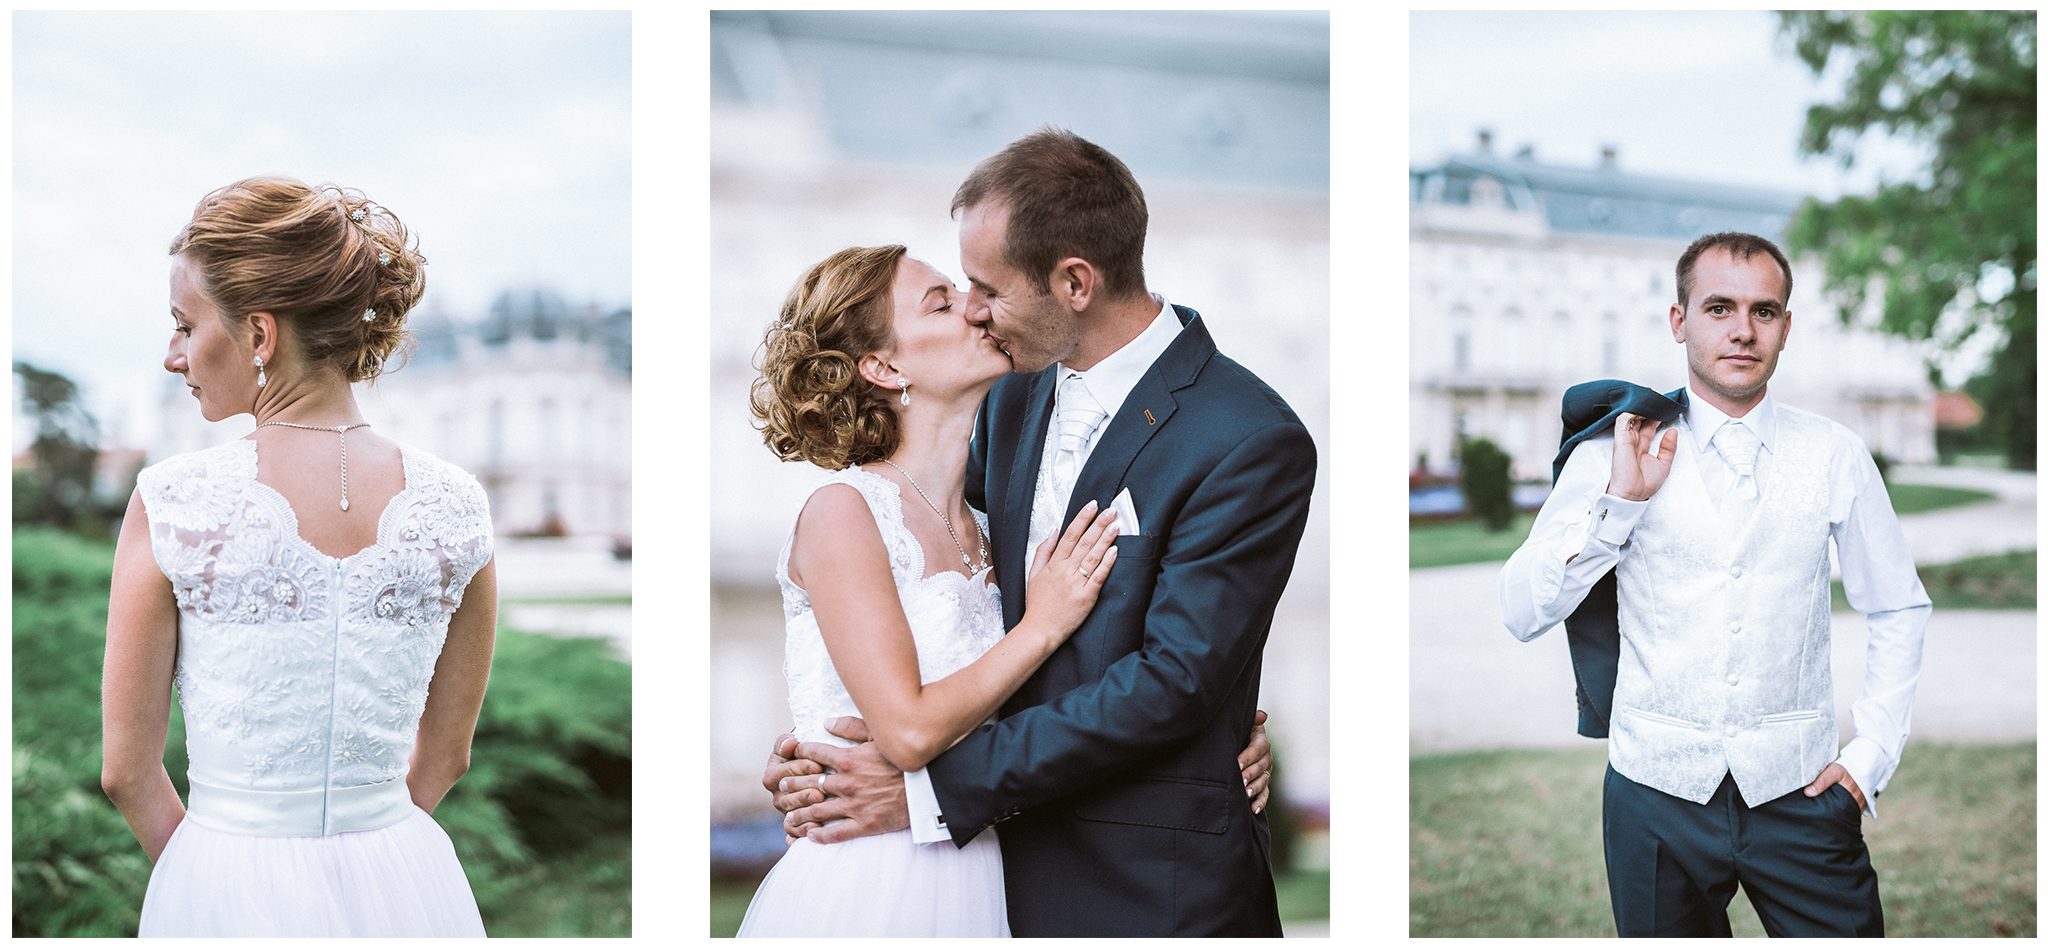 FylepPhoto, esküvőfotós, esküvői fotós Körmend, Szombathely, esküvőfotózás, magyarország, vas megye, prémium, jegyesfotózás, Fülöp Péter, körmend, kreatív, fotográfus_11.jpg